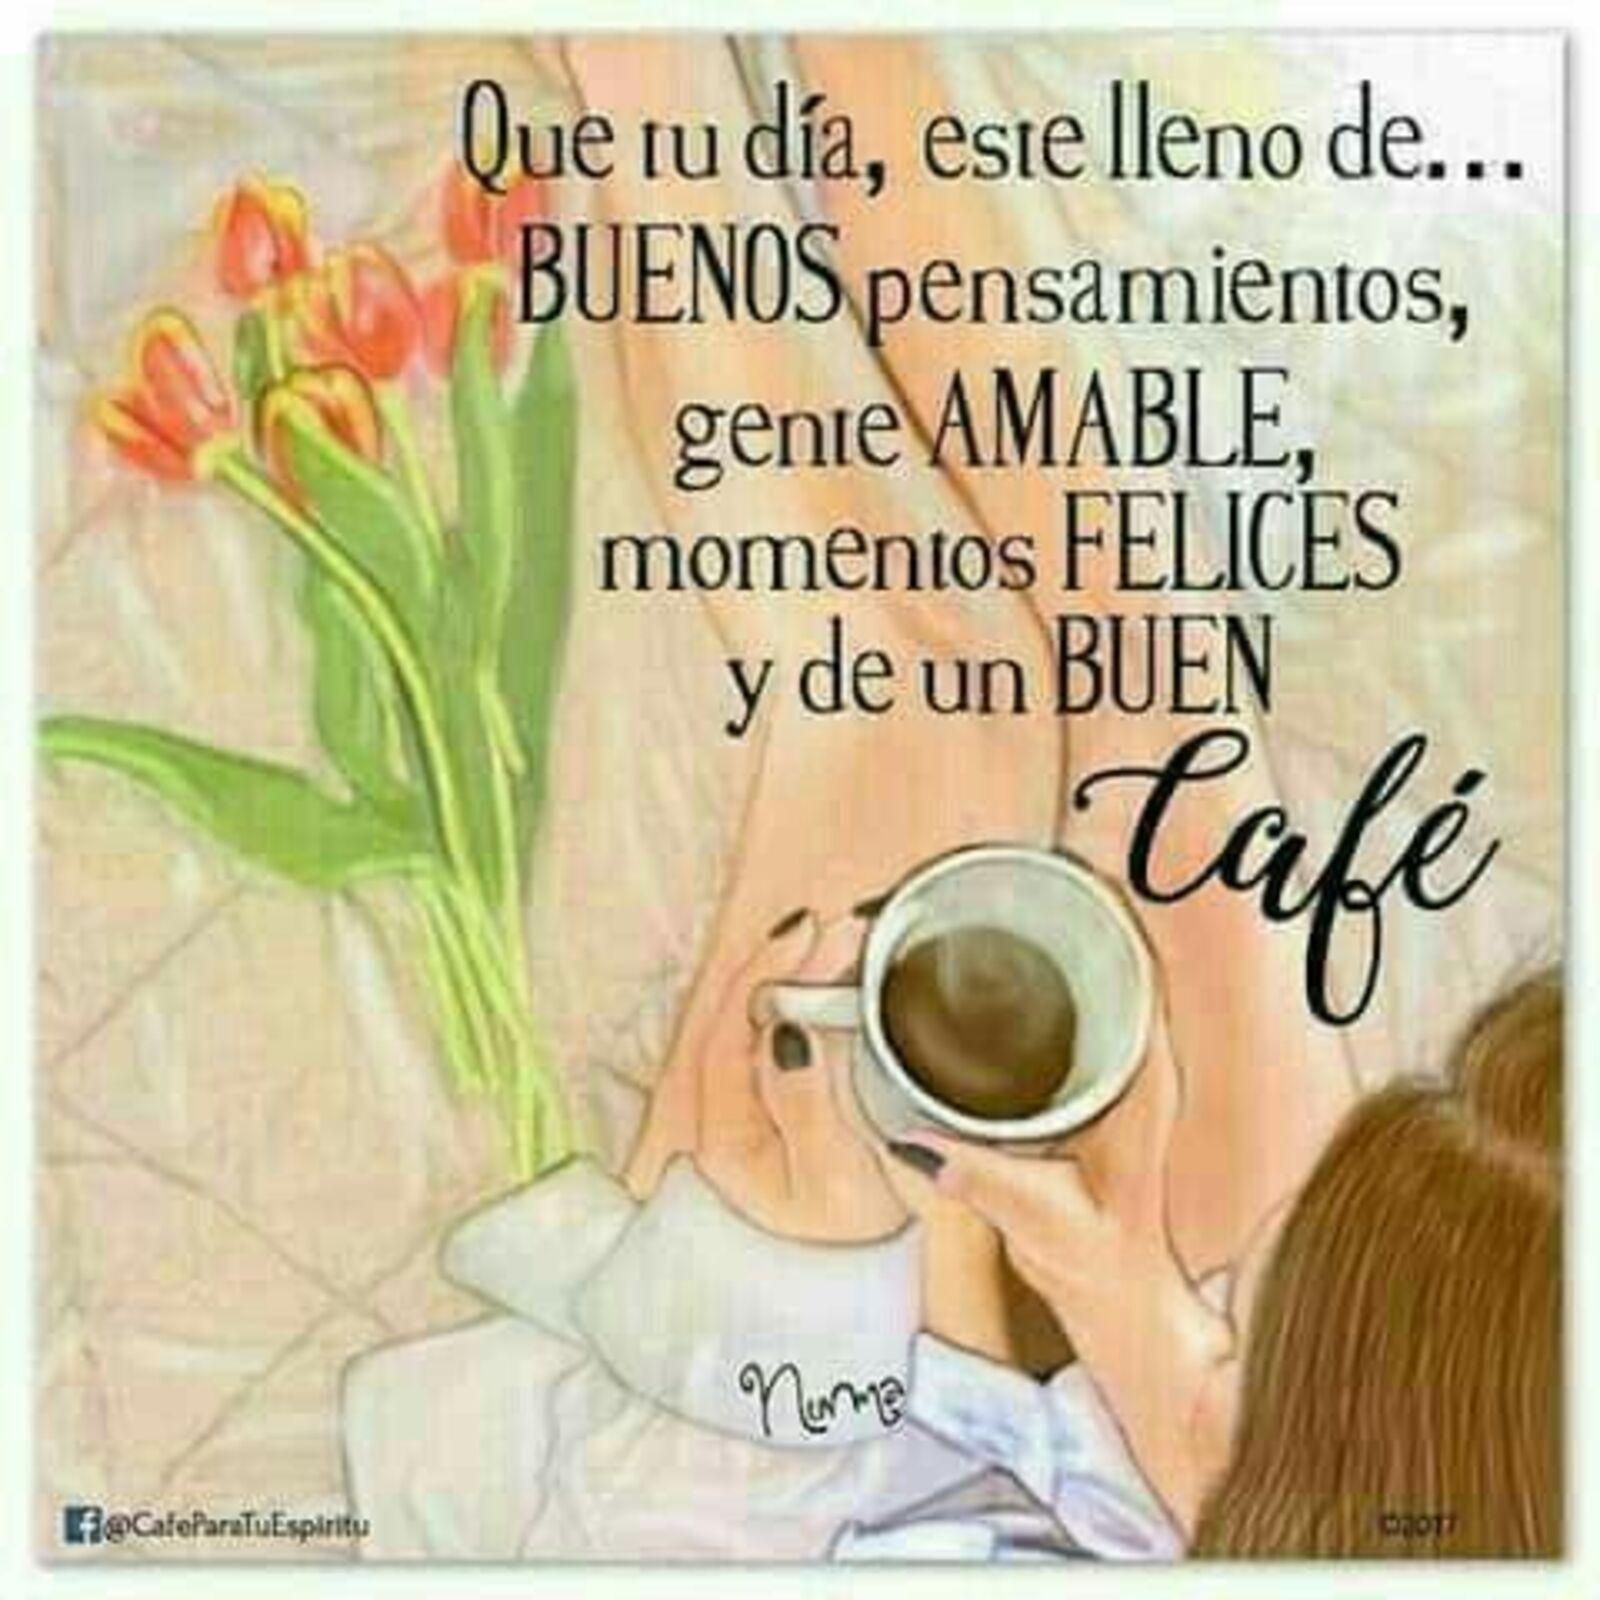 Que tu día, este lleno de...buenos pensamientos, gente AMABLE, momentos FELICES y de BUEN café